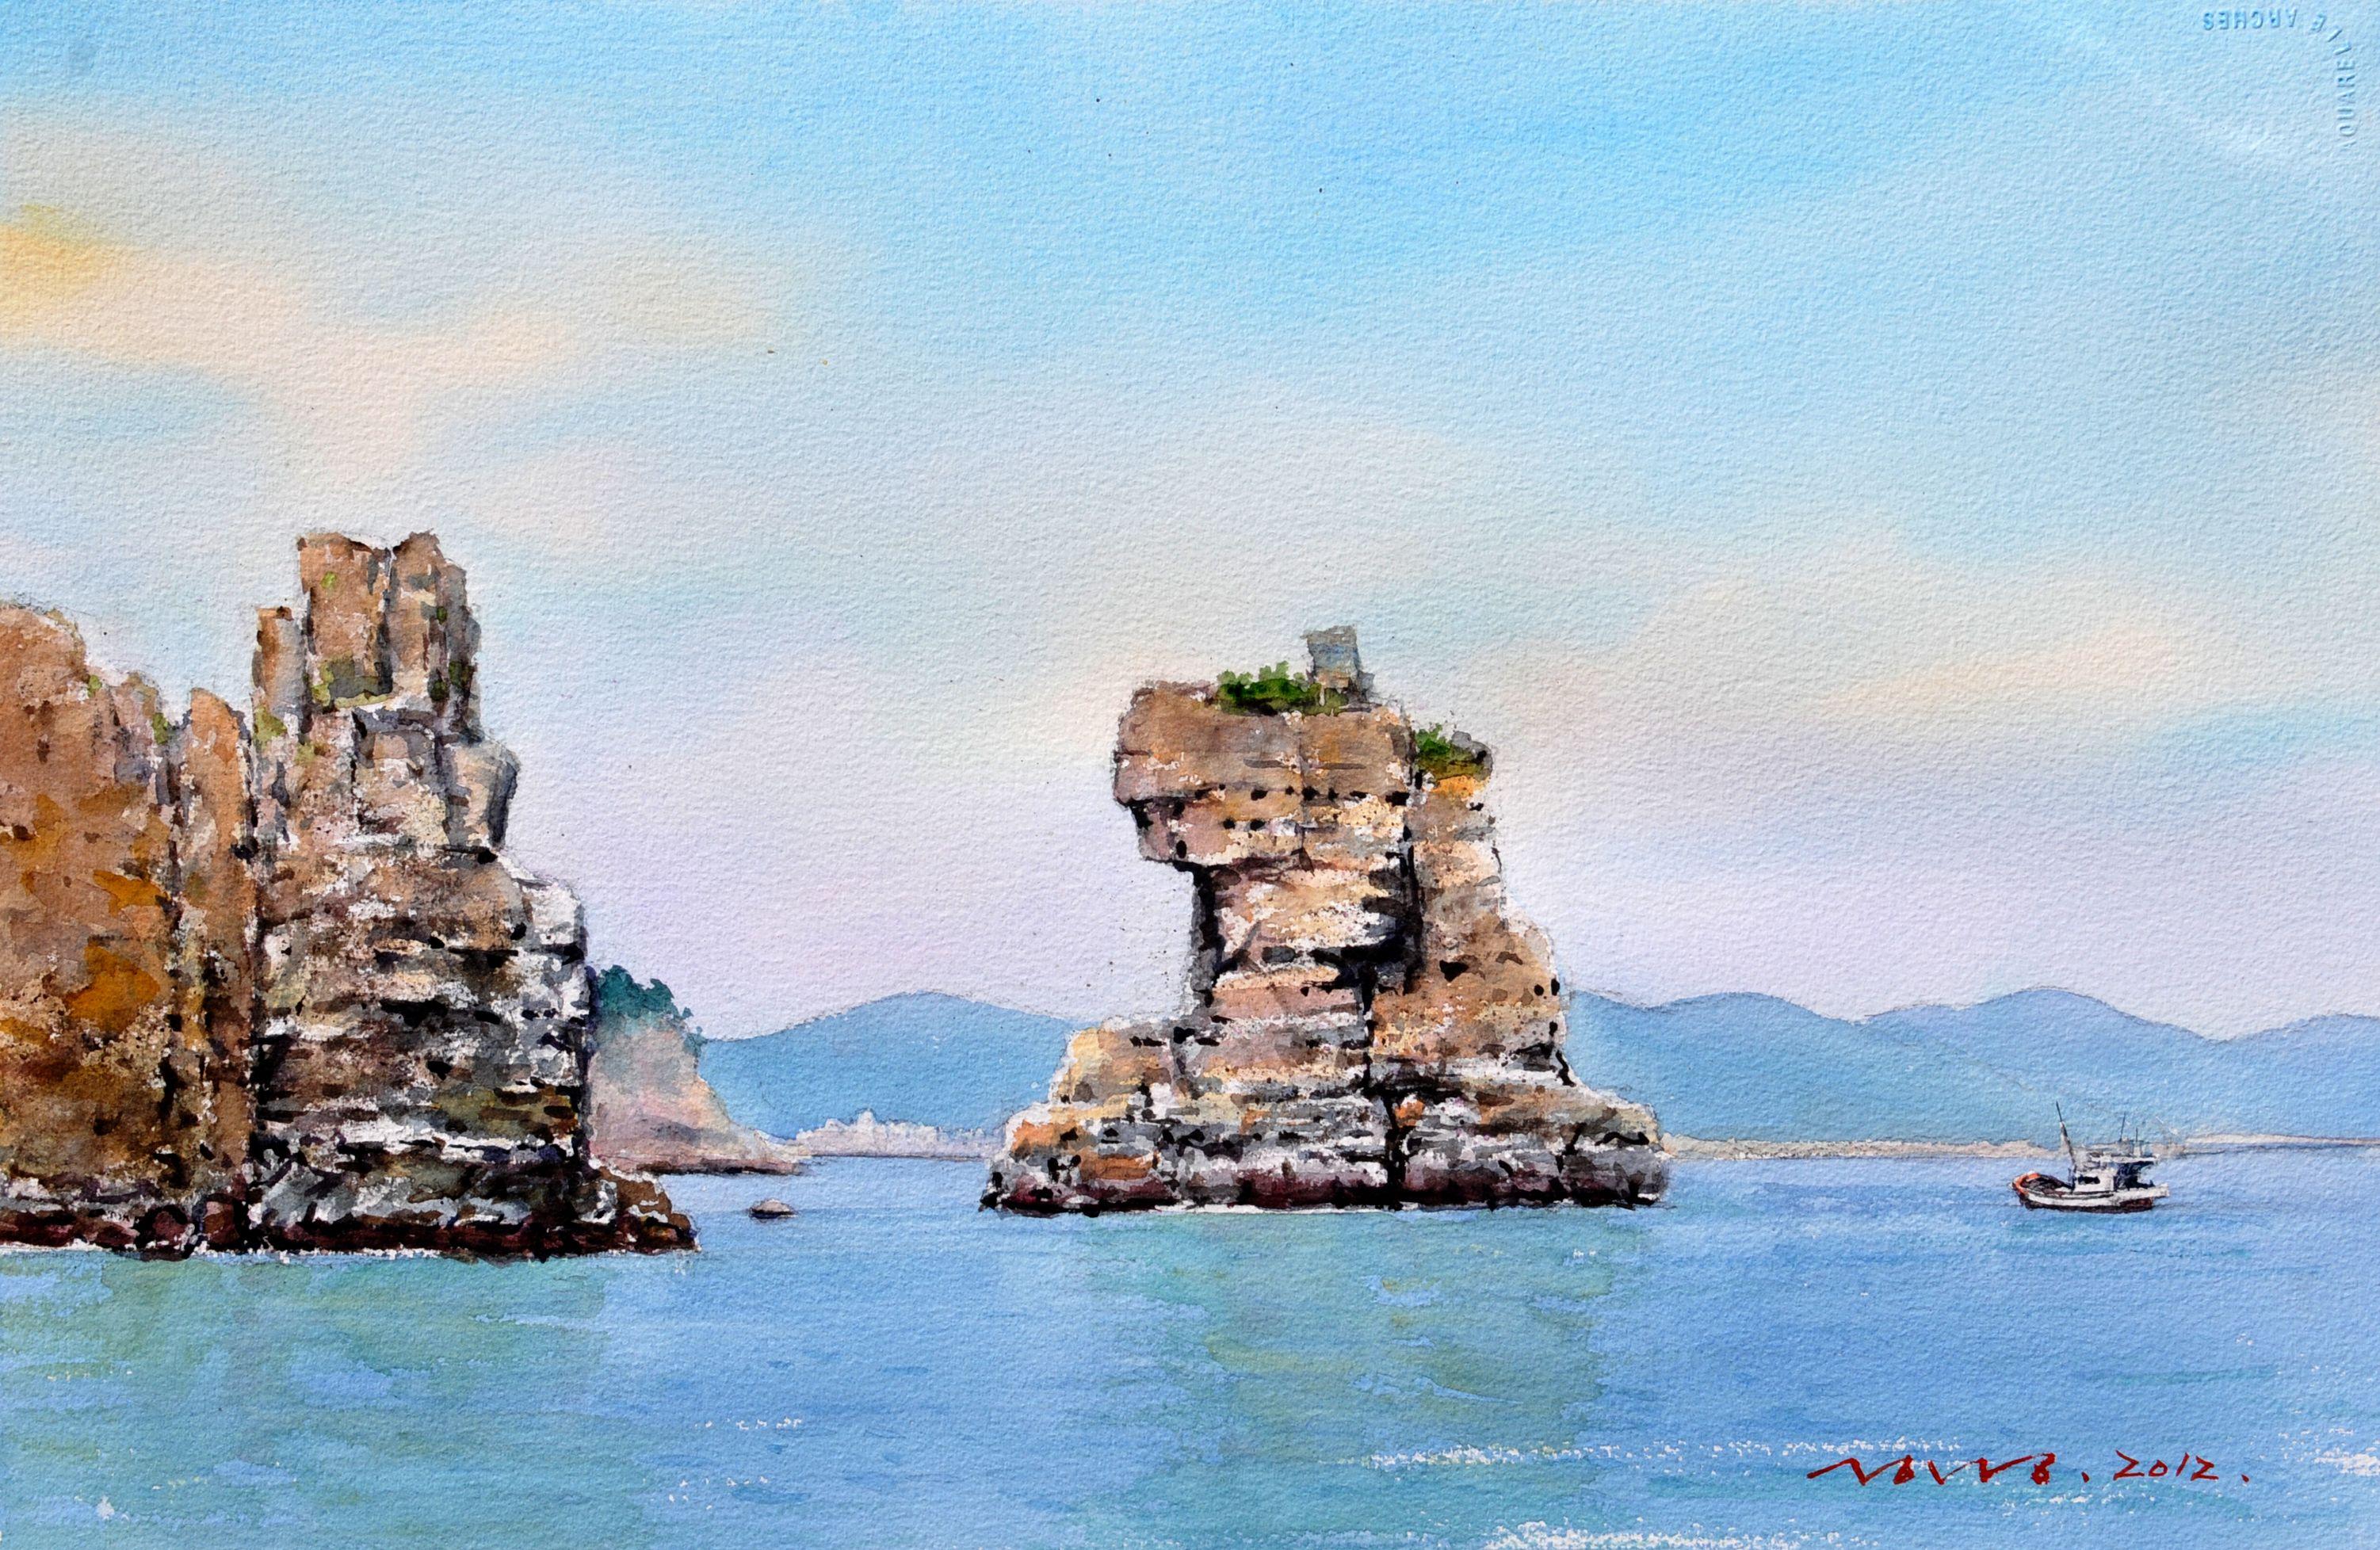 해금강 사자바위 53.0 x 40.9cm watercolor dn ppaper watercolor by Jung in sung